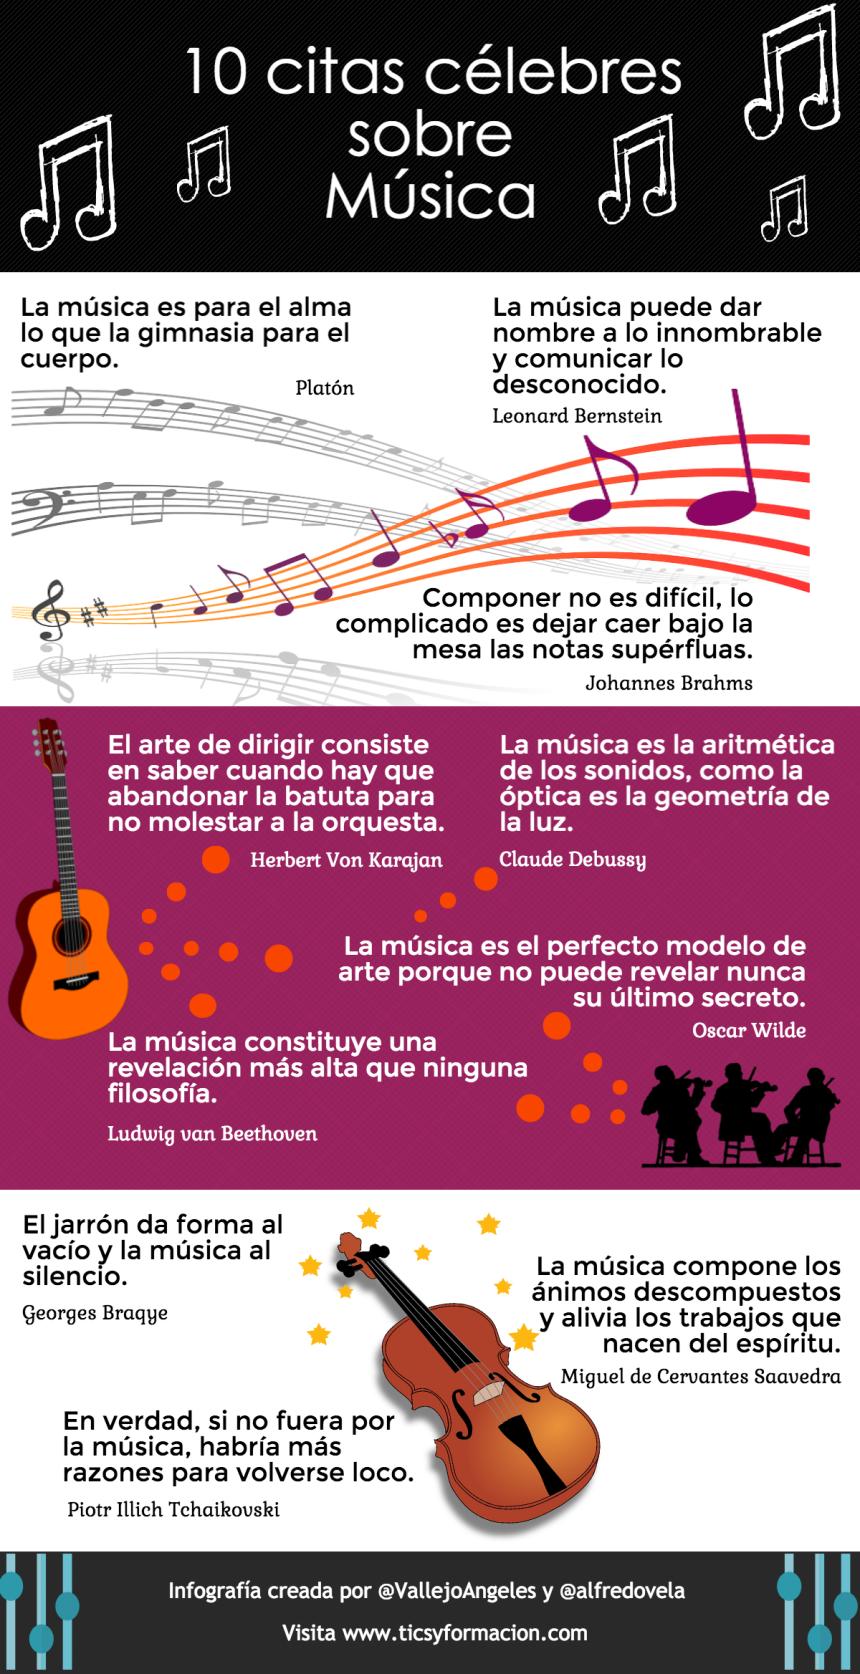 10 citas célebres sobre Música